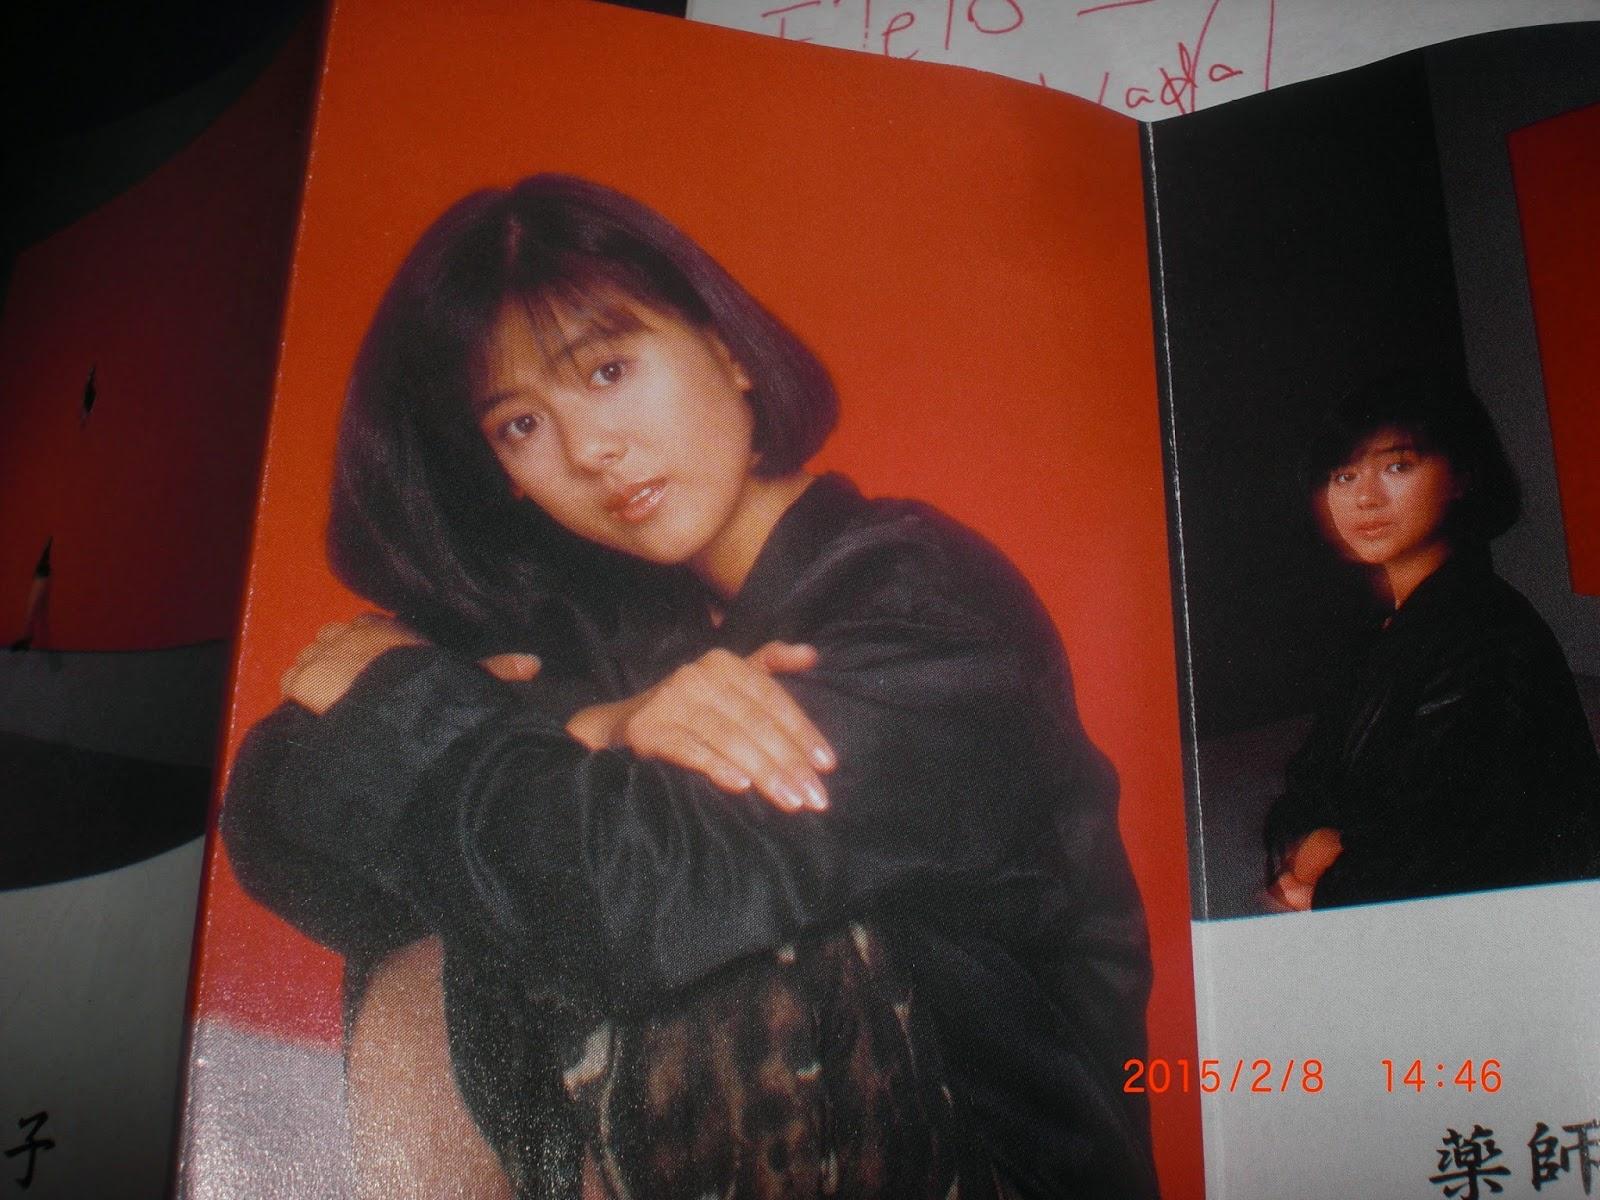 Kei Mizutani nude photos 2019